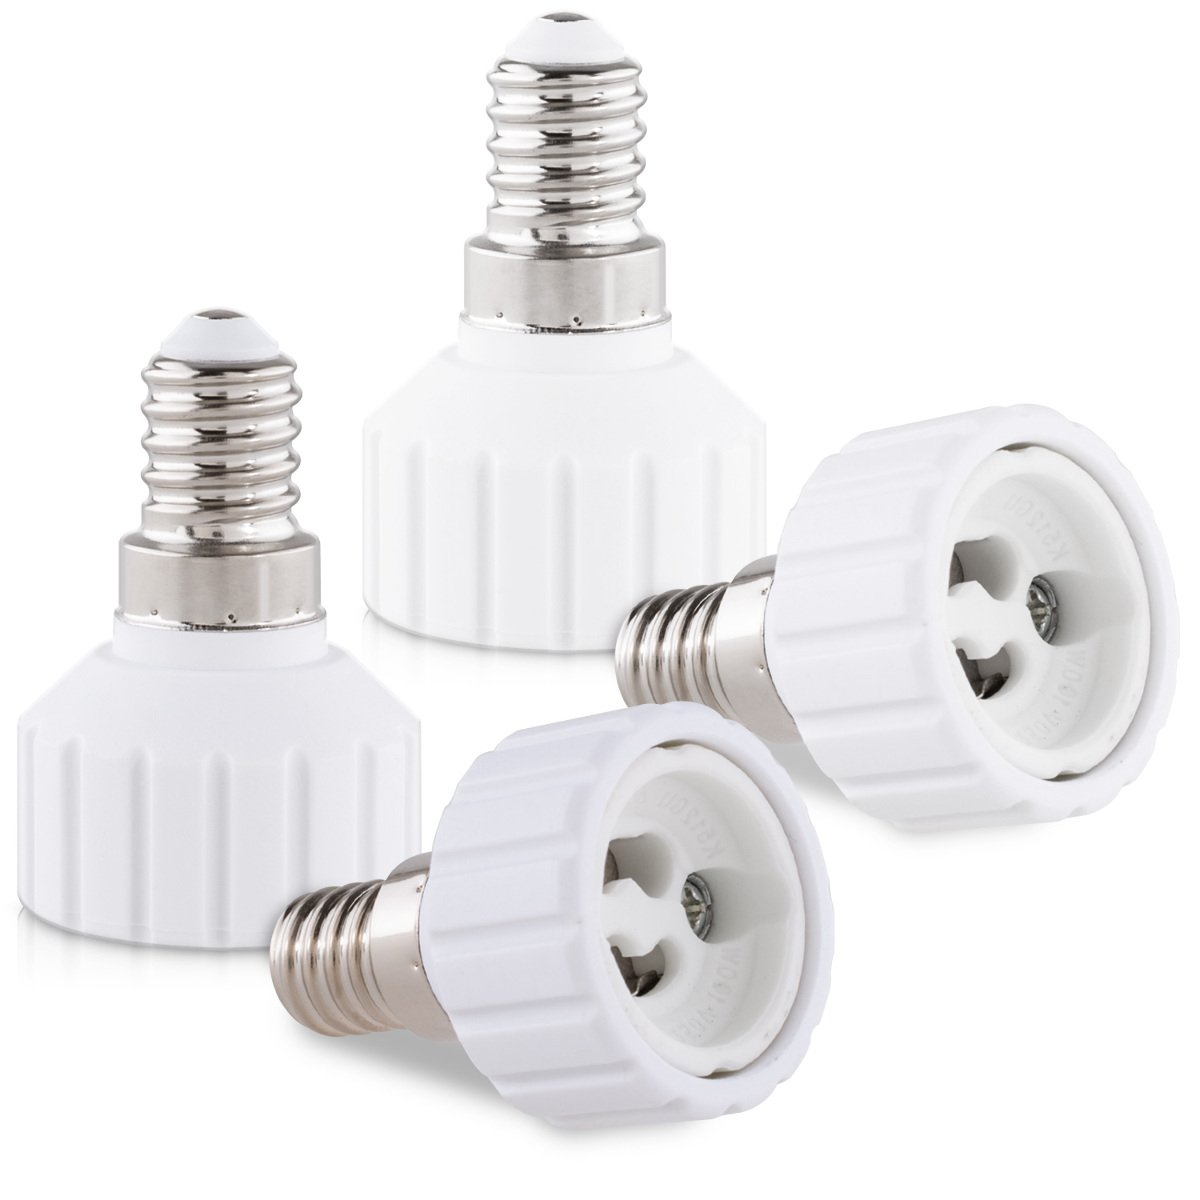 Adaptateur de support de lampe culot ba/ïonnette pour ampoule LED halog/ène Convertisseur douilles E14 vers GU10 kwmobile 4x adaptateur de douille